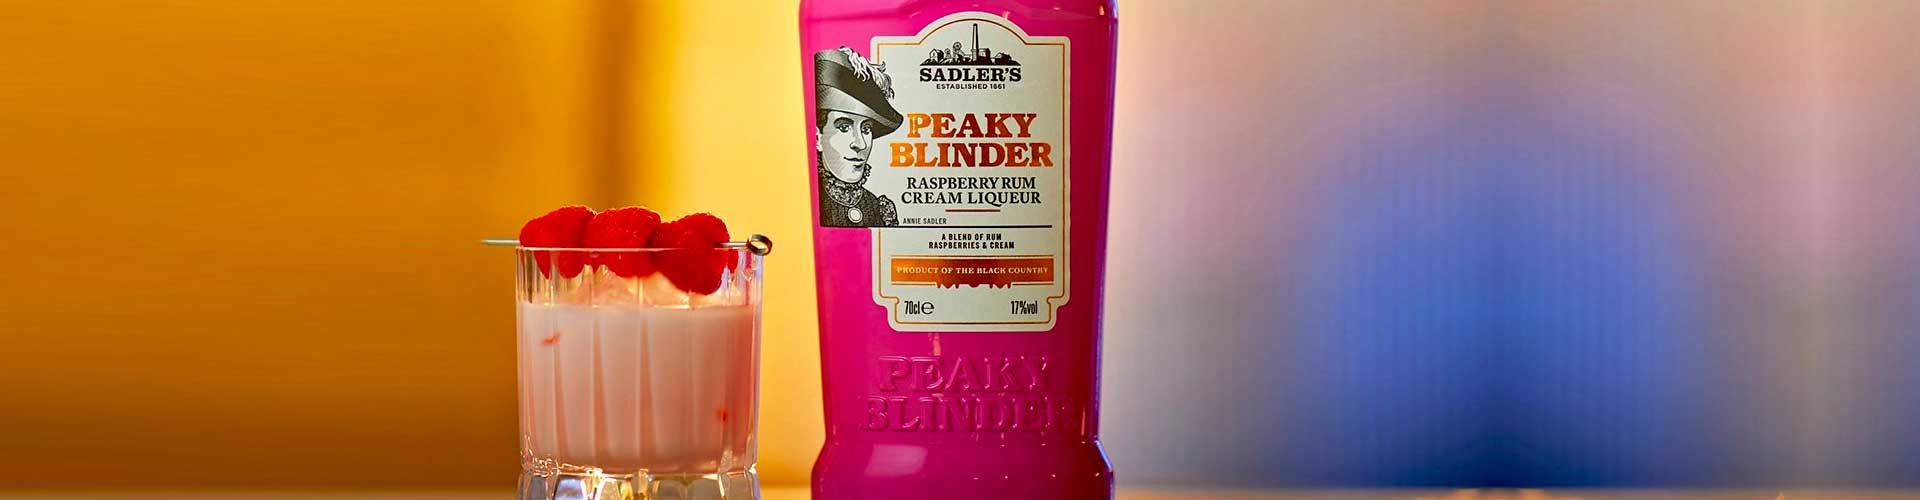 Peaky Blinders Raspberry Rum Cream Liqueur